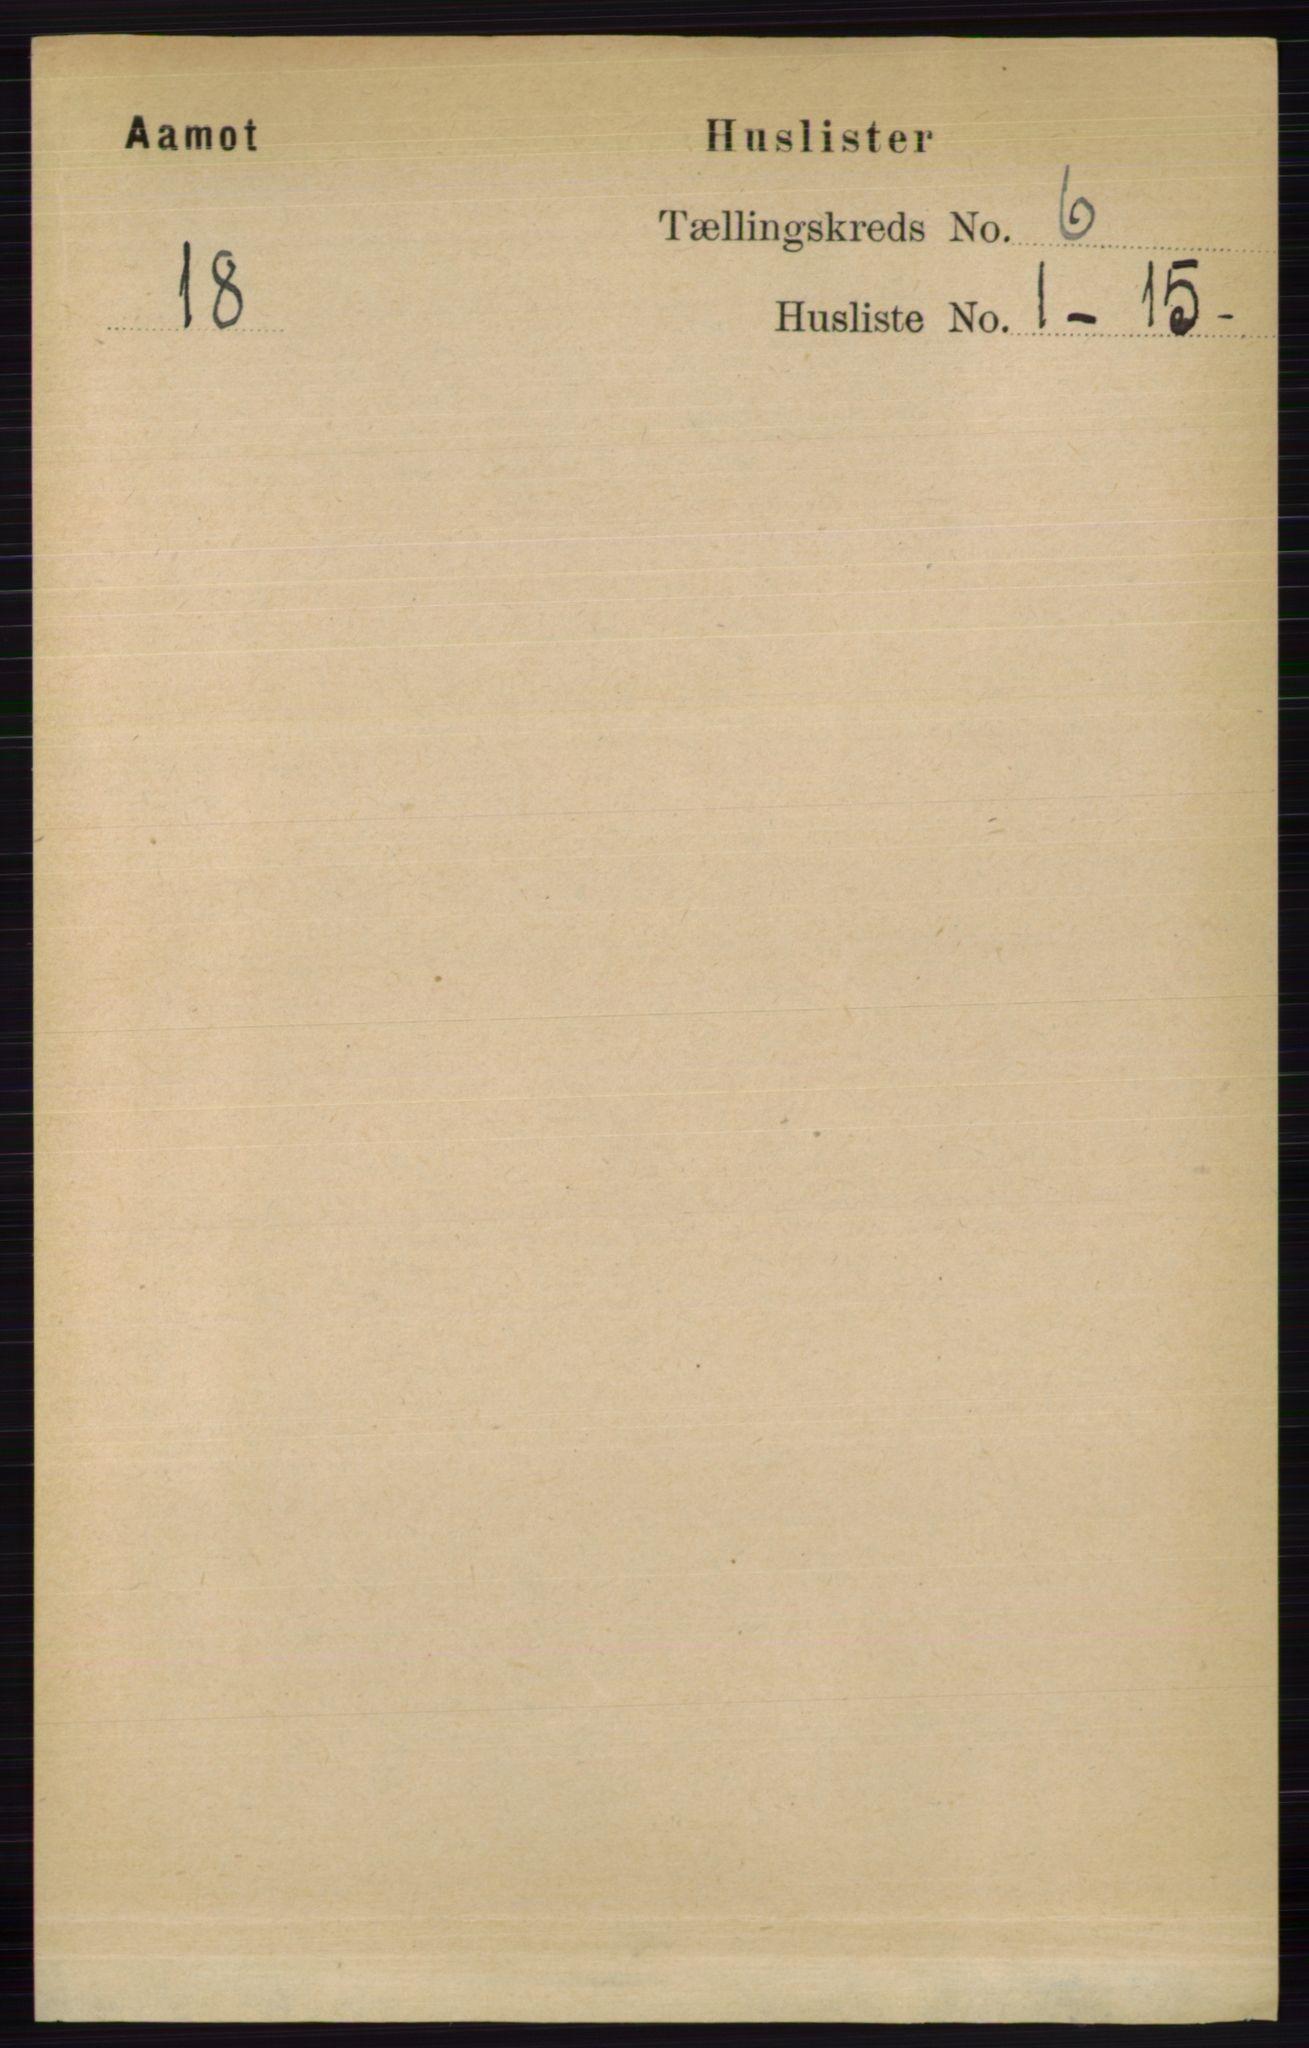 RA, Folketelling 1891 for 0429 Åmot herred, 1891, s. 2737